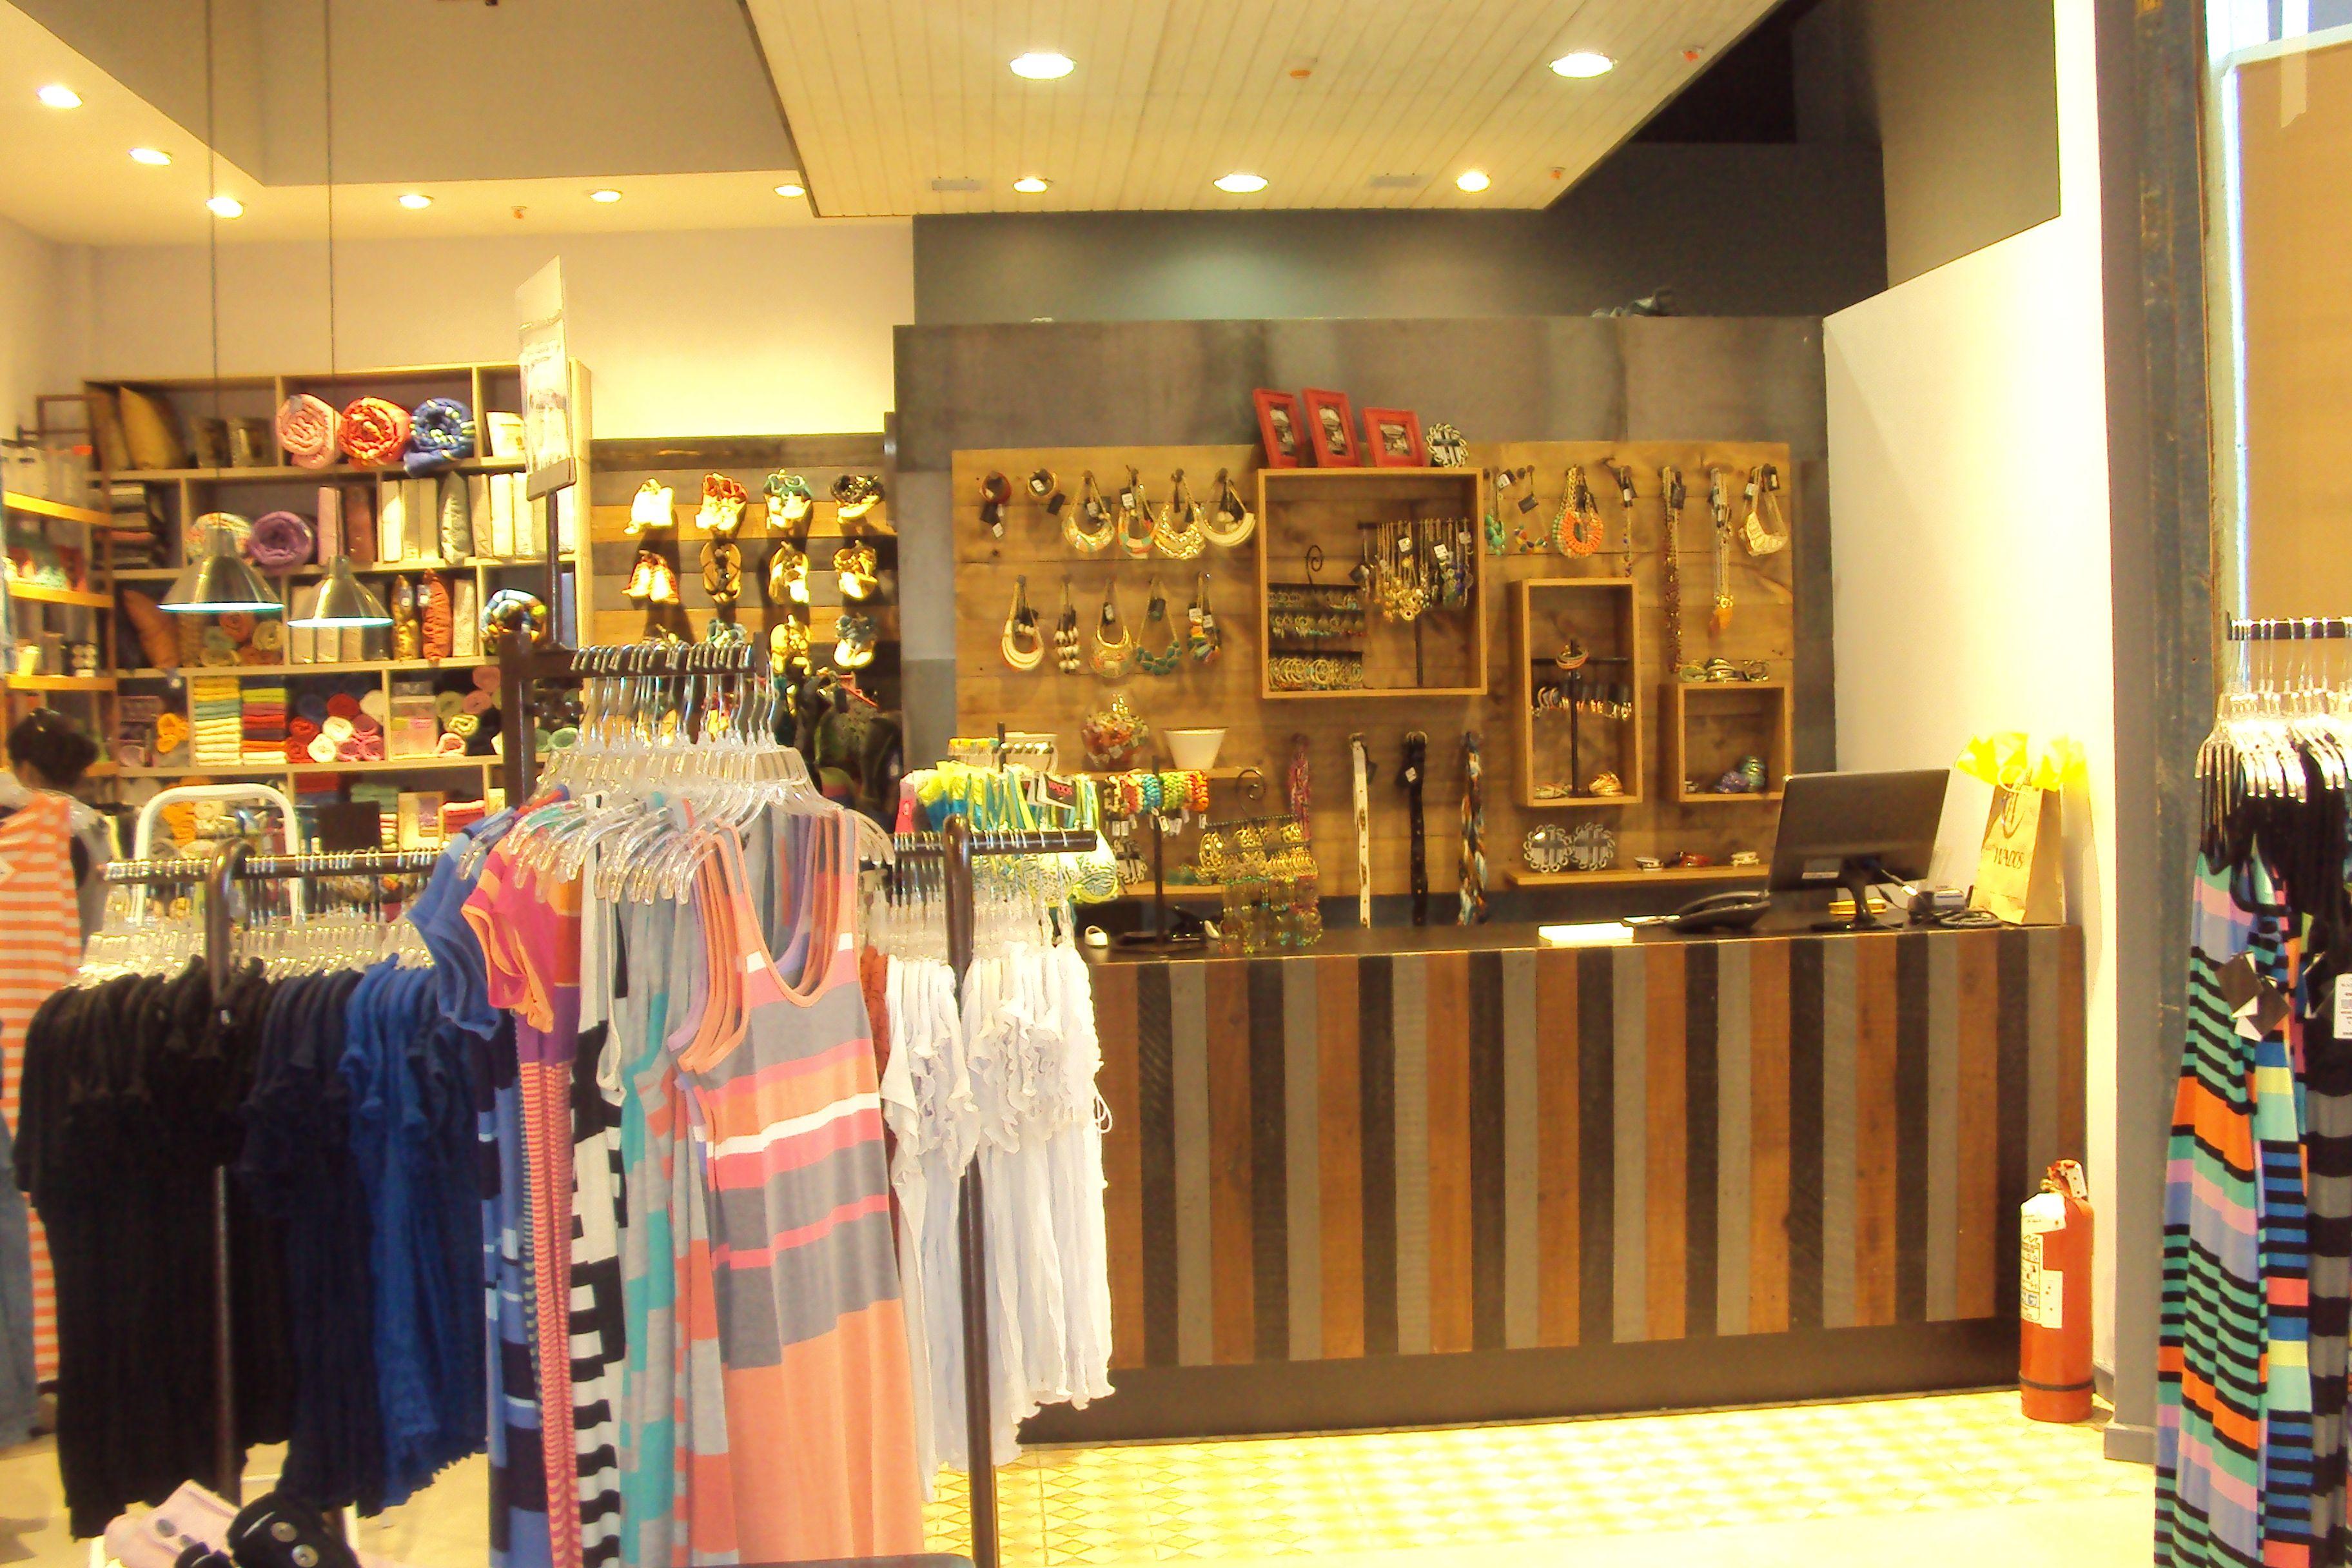 Nuestra nueva tienda en Mall Open Plaza Ovalle, Prolongación Benavente 1075 Local 1260 Comuna y Ciudad de Ovalle, IV región de Coquimbo.